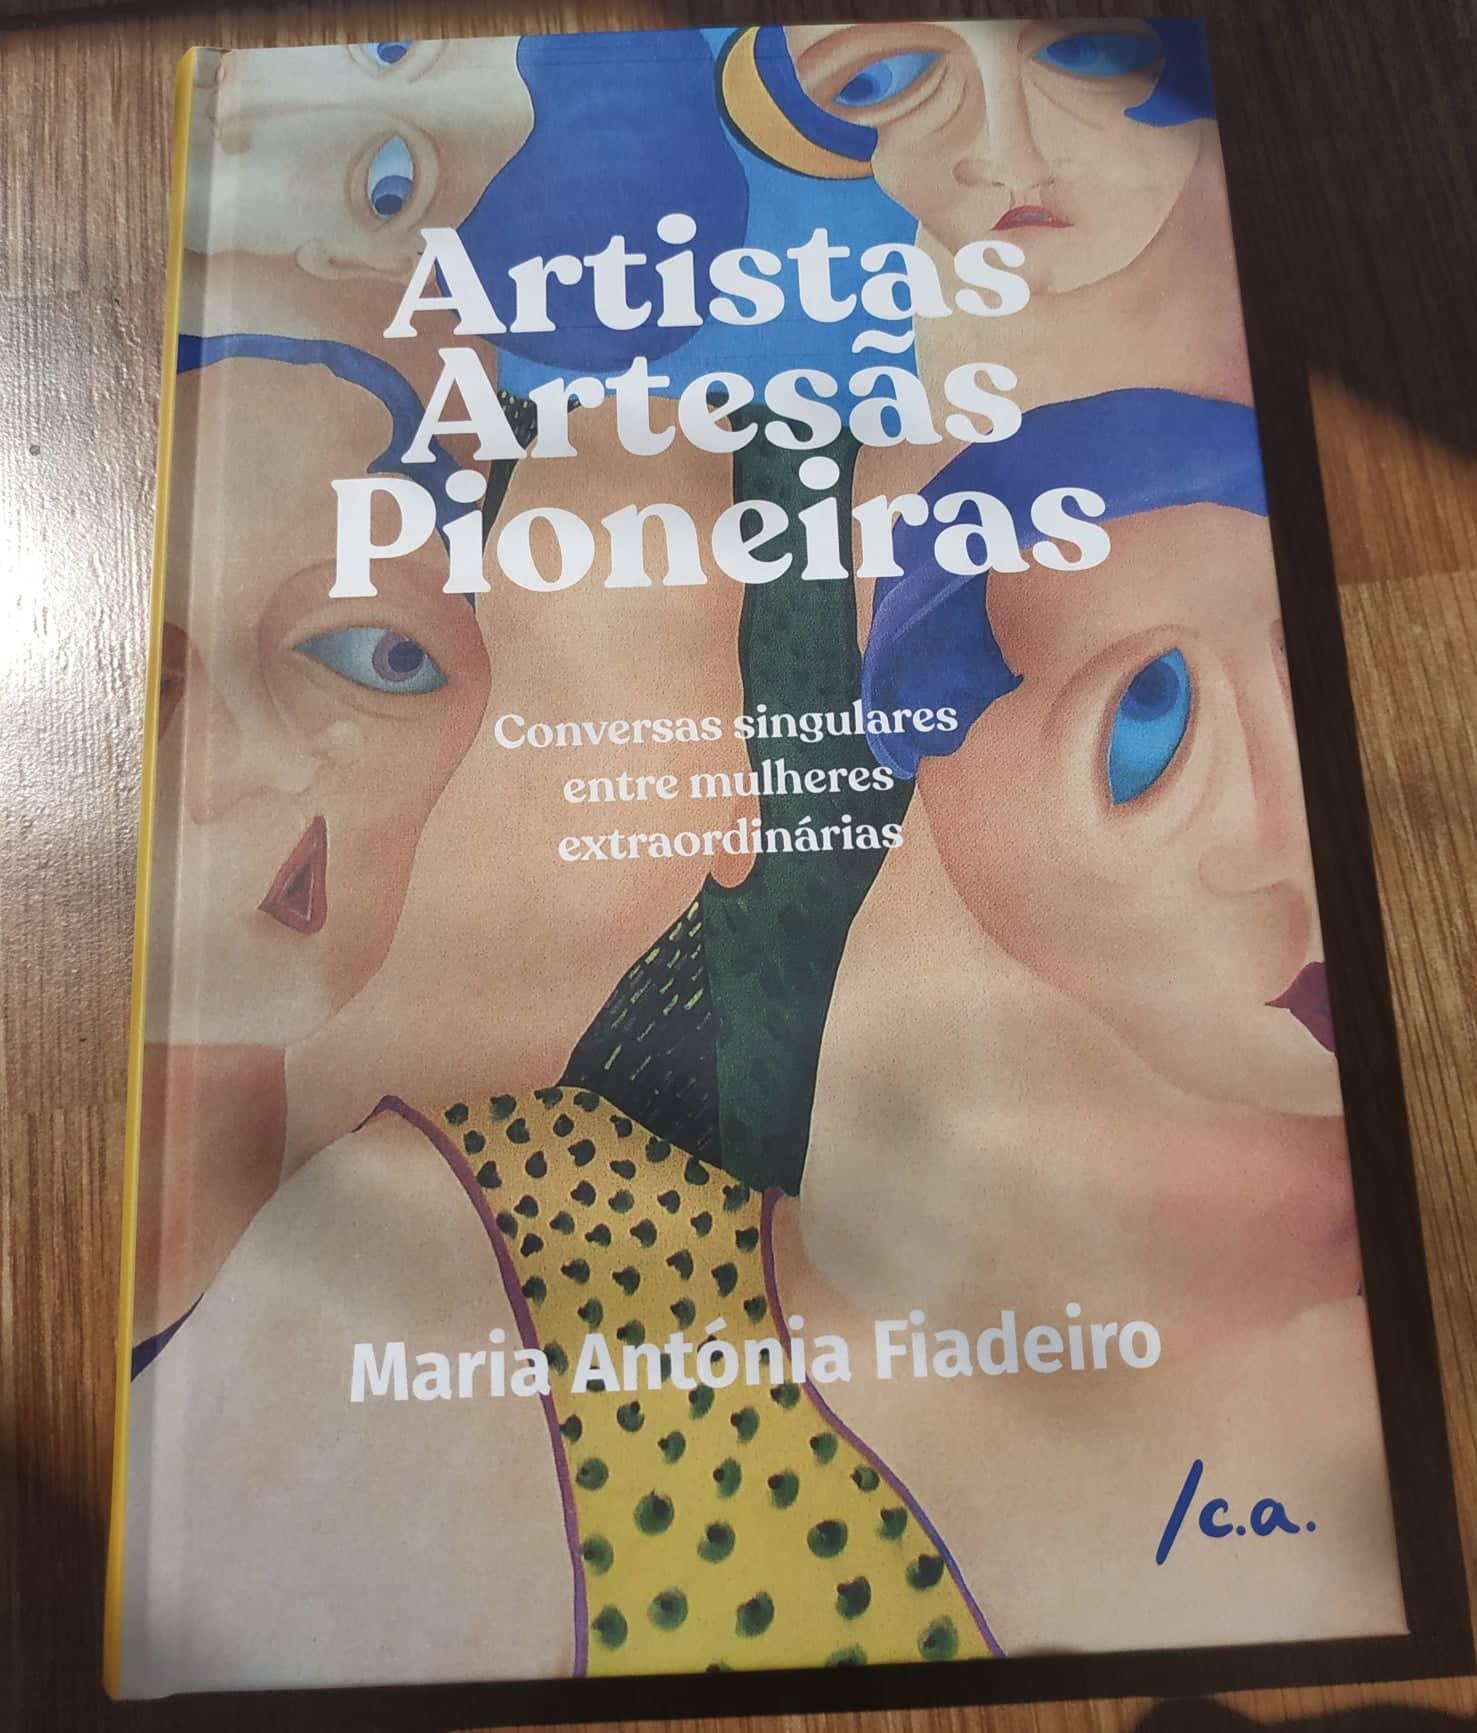 Artistas, Artesãs, Pioneiras